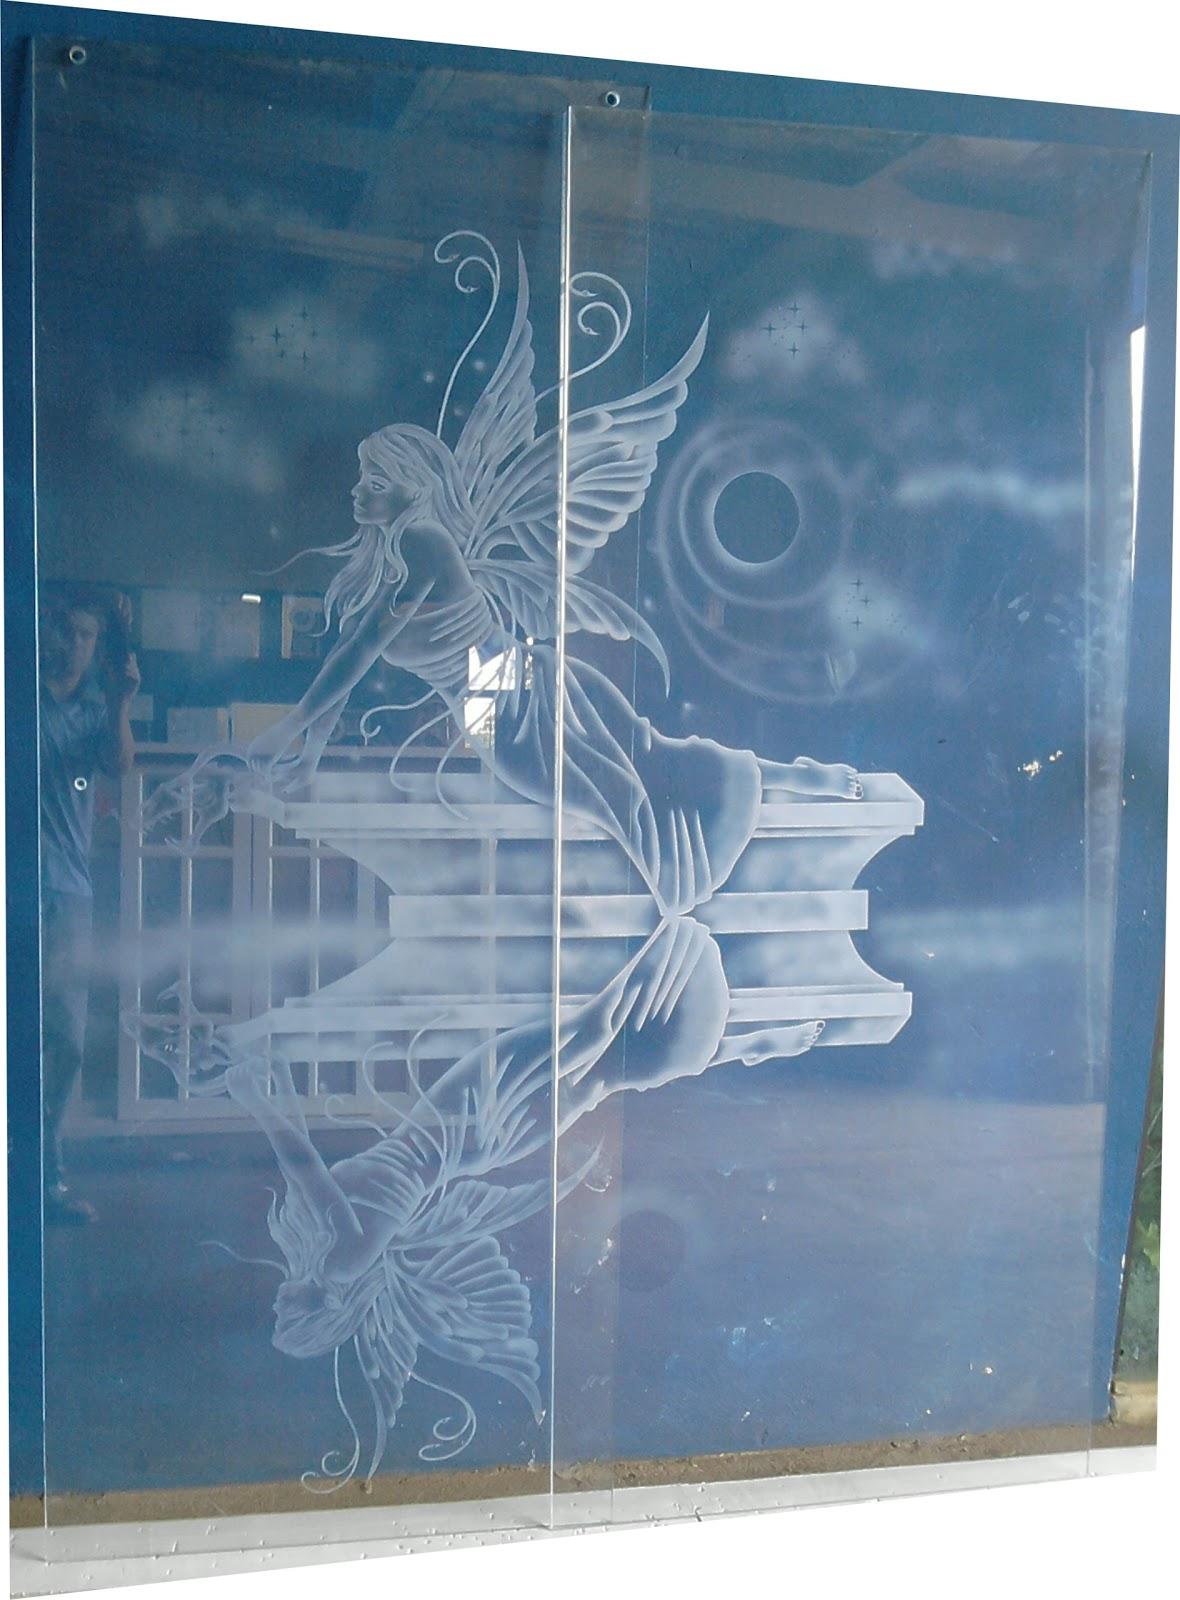 #15374F VIDROS JATEADOS e TEMPERADOS: 11/15/10 1180x1600 px porta para banheiro de vidro jateado